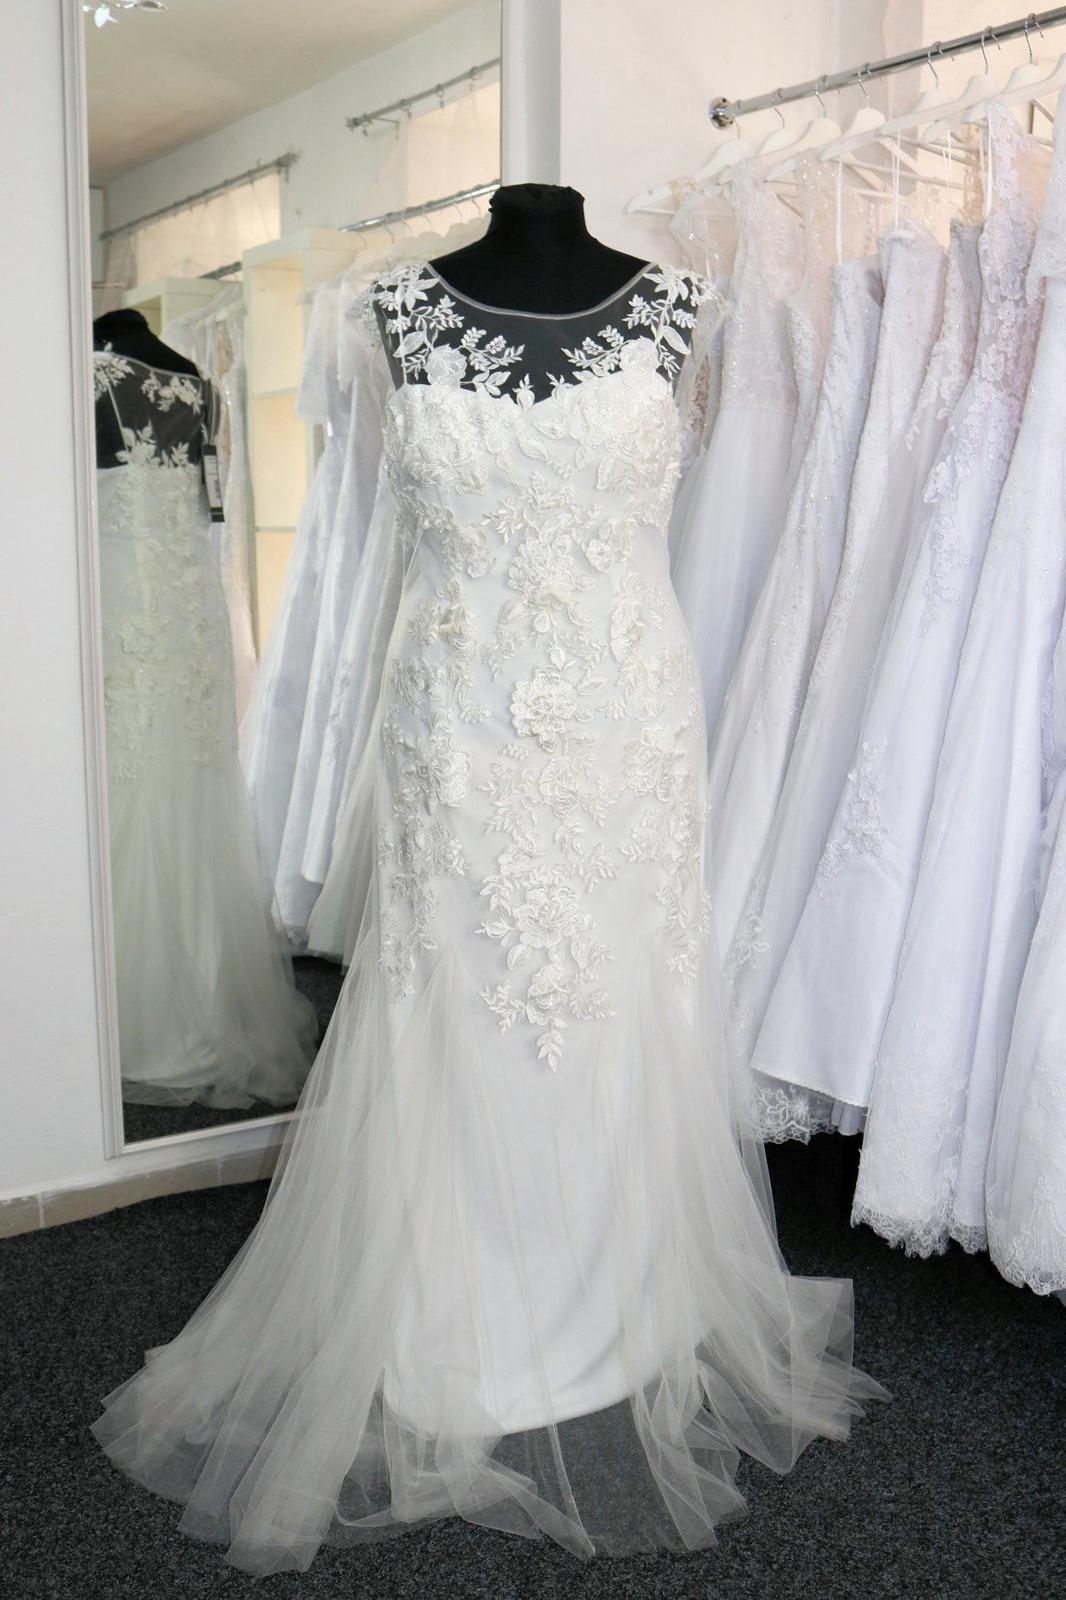 Nové svatební šaty krajkové vel. 46 - Obrázek č. 1